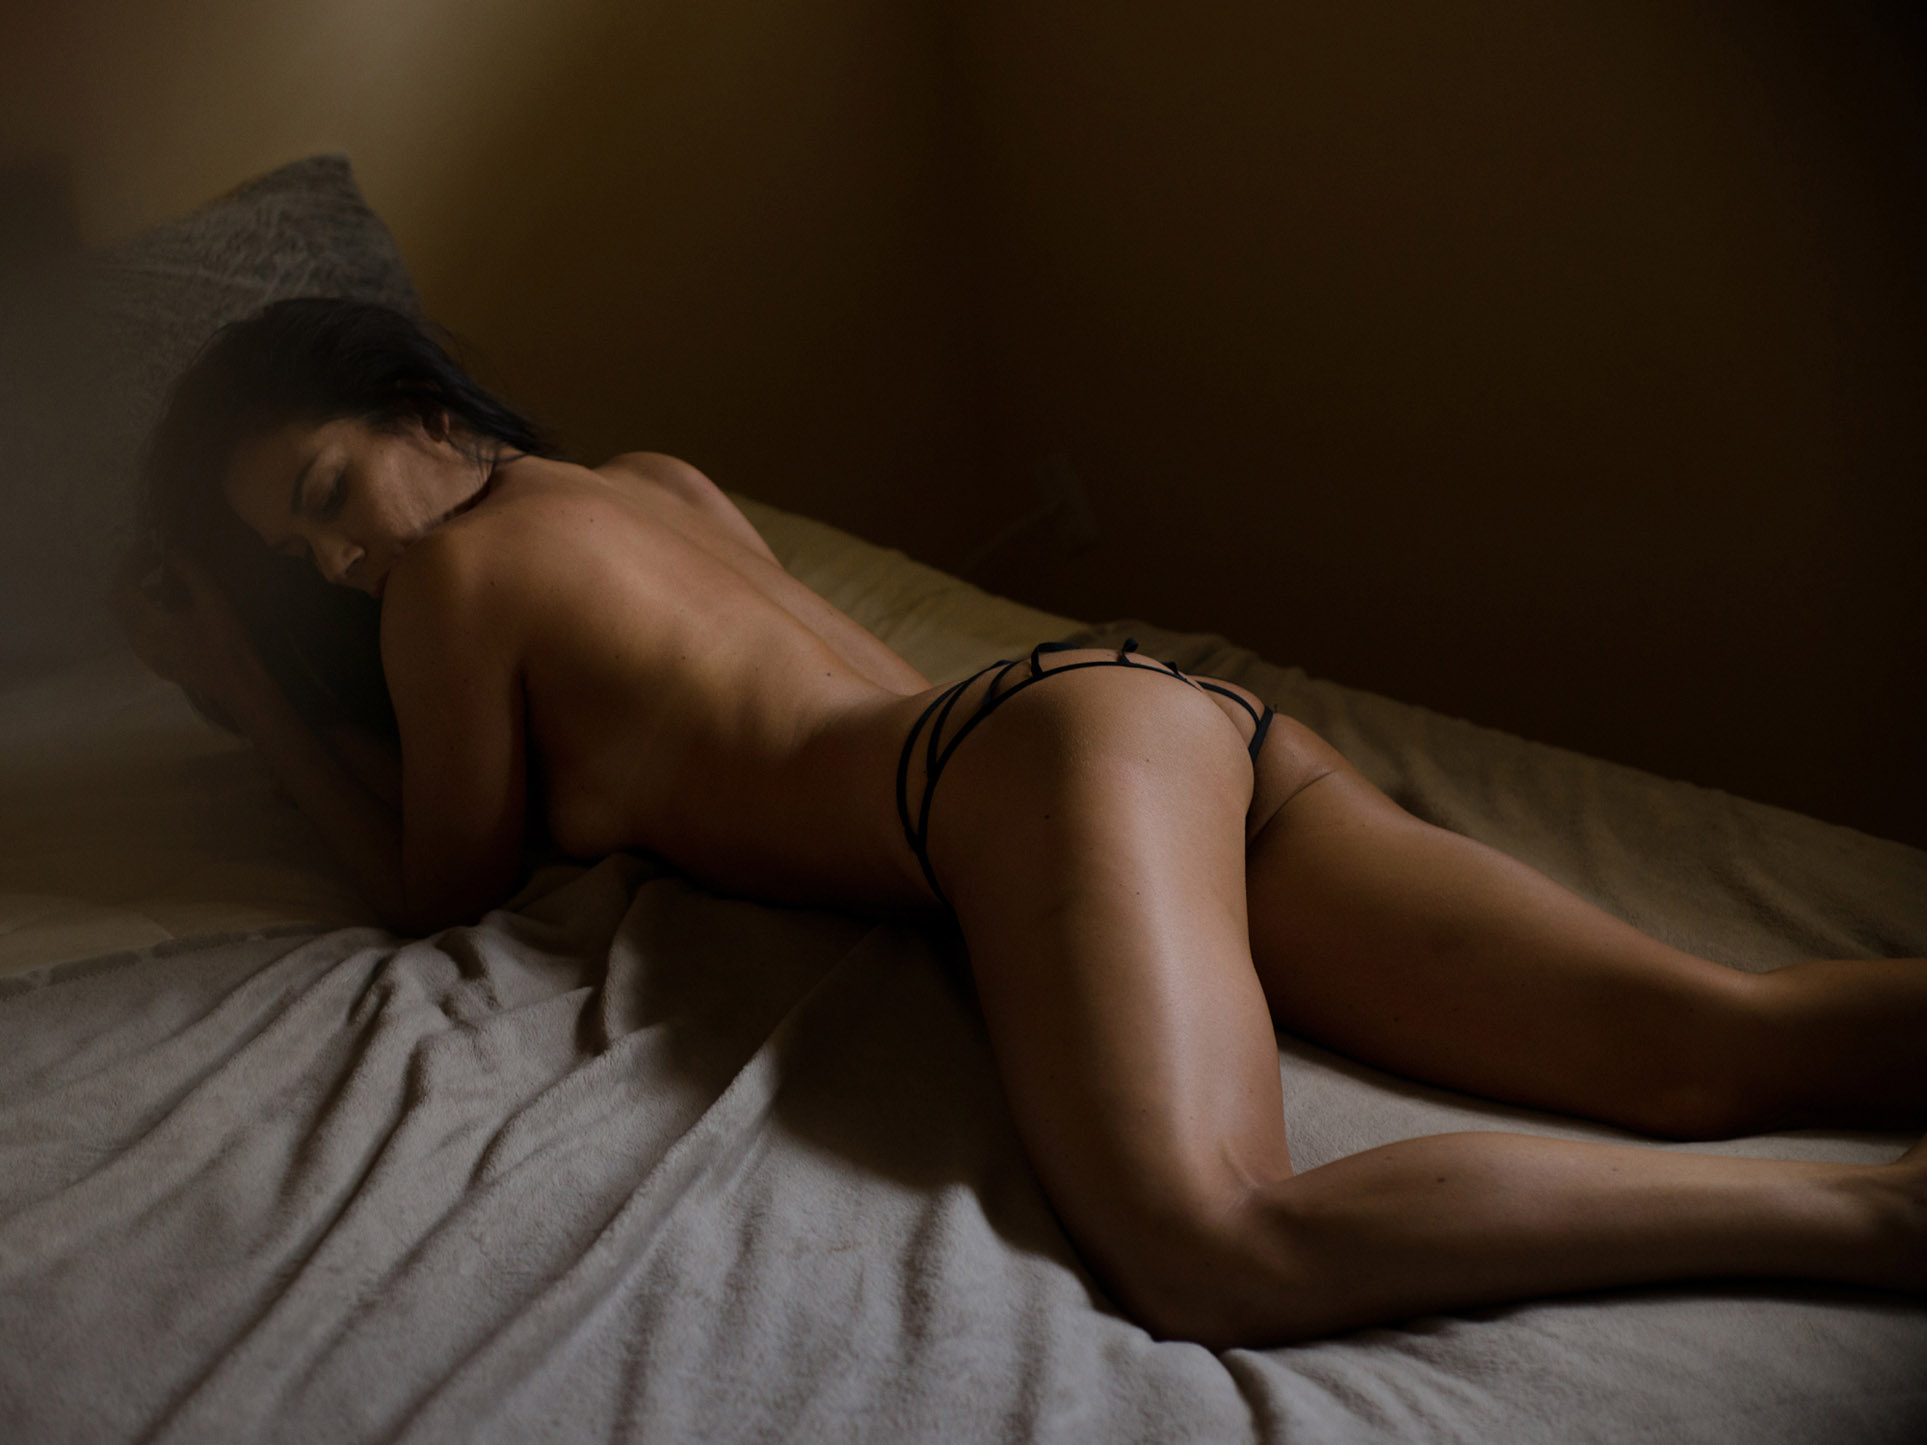 Vivian nude by Mortonovich